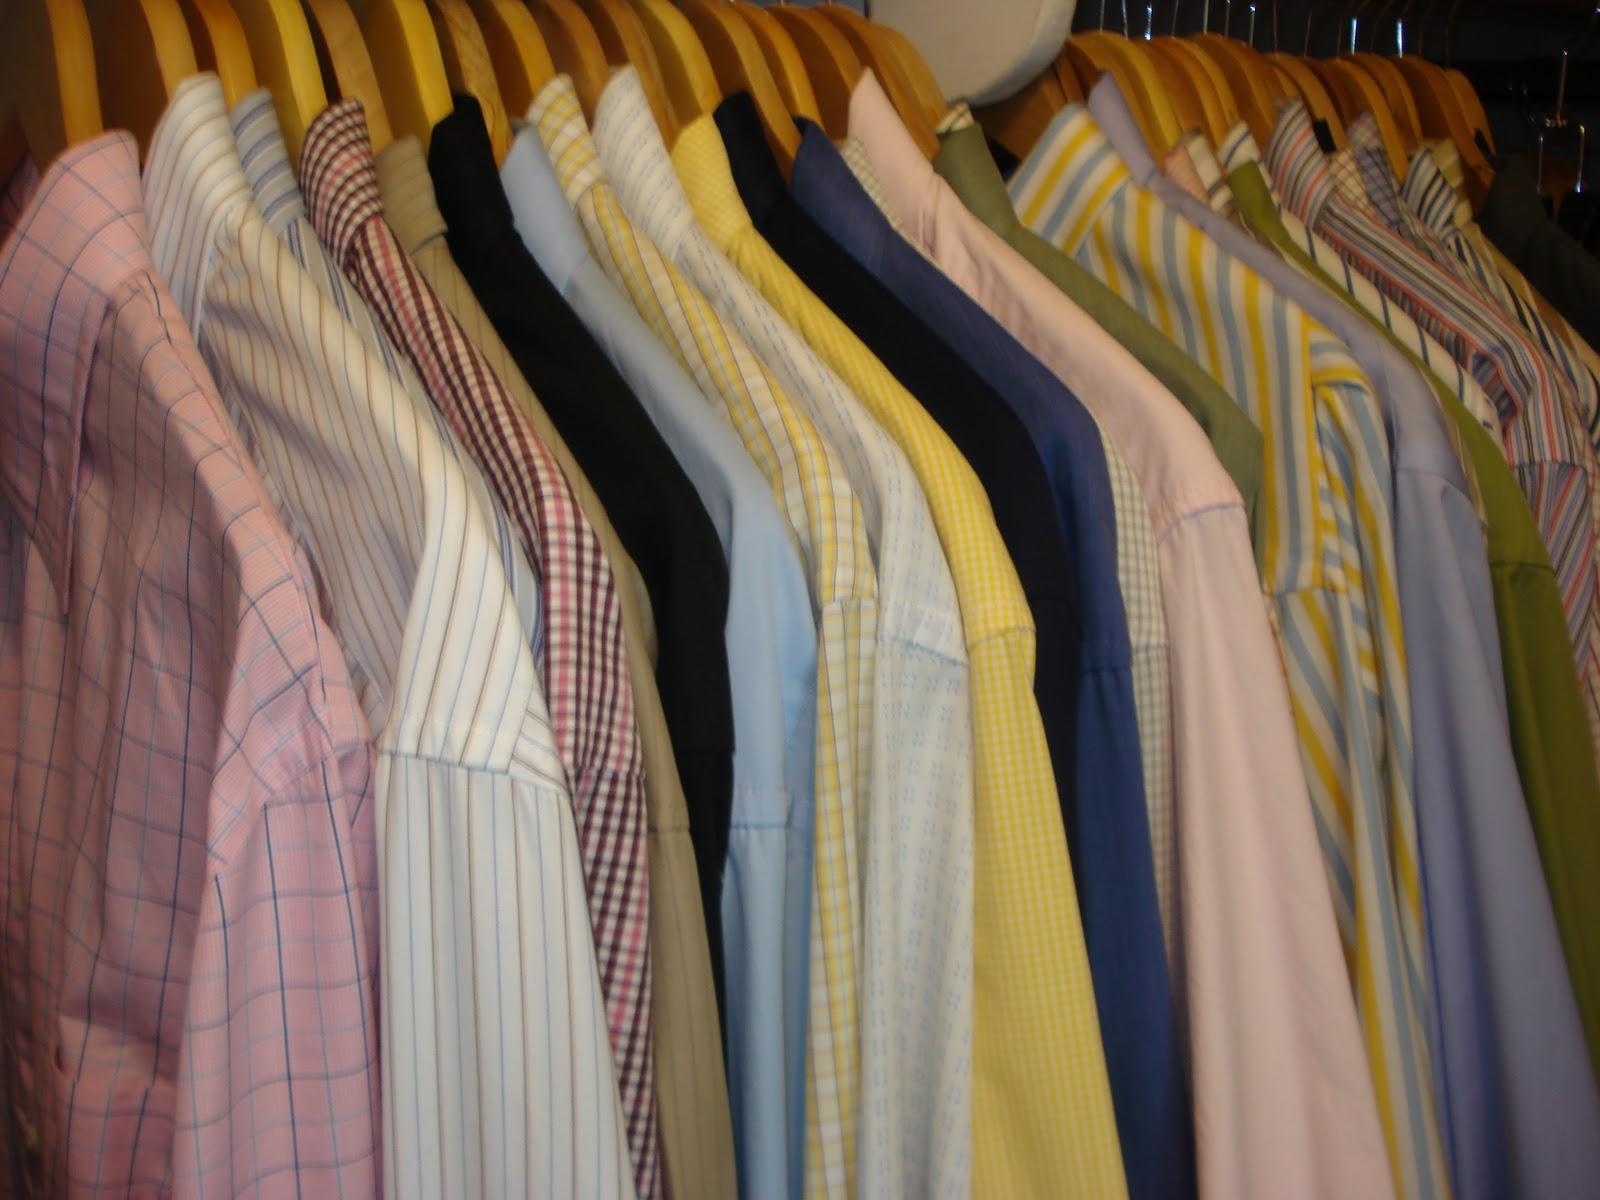 http://4.bp.blogspot.com/-UCtTaS0SB-0/Tp69JURMq5I/AAAAAAAAB58/j7oJDBXO_pQ/s1600/pink+shirts.JPG